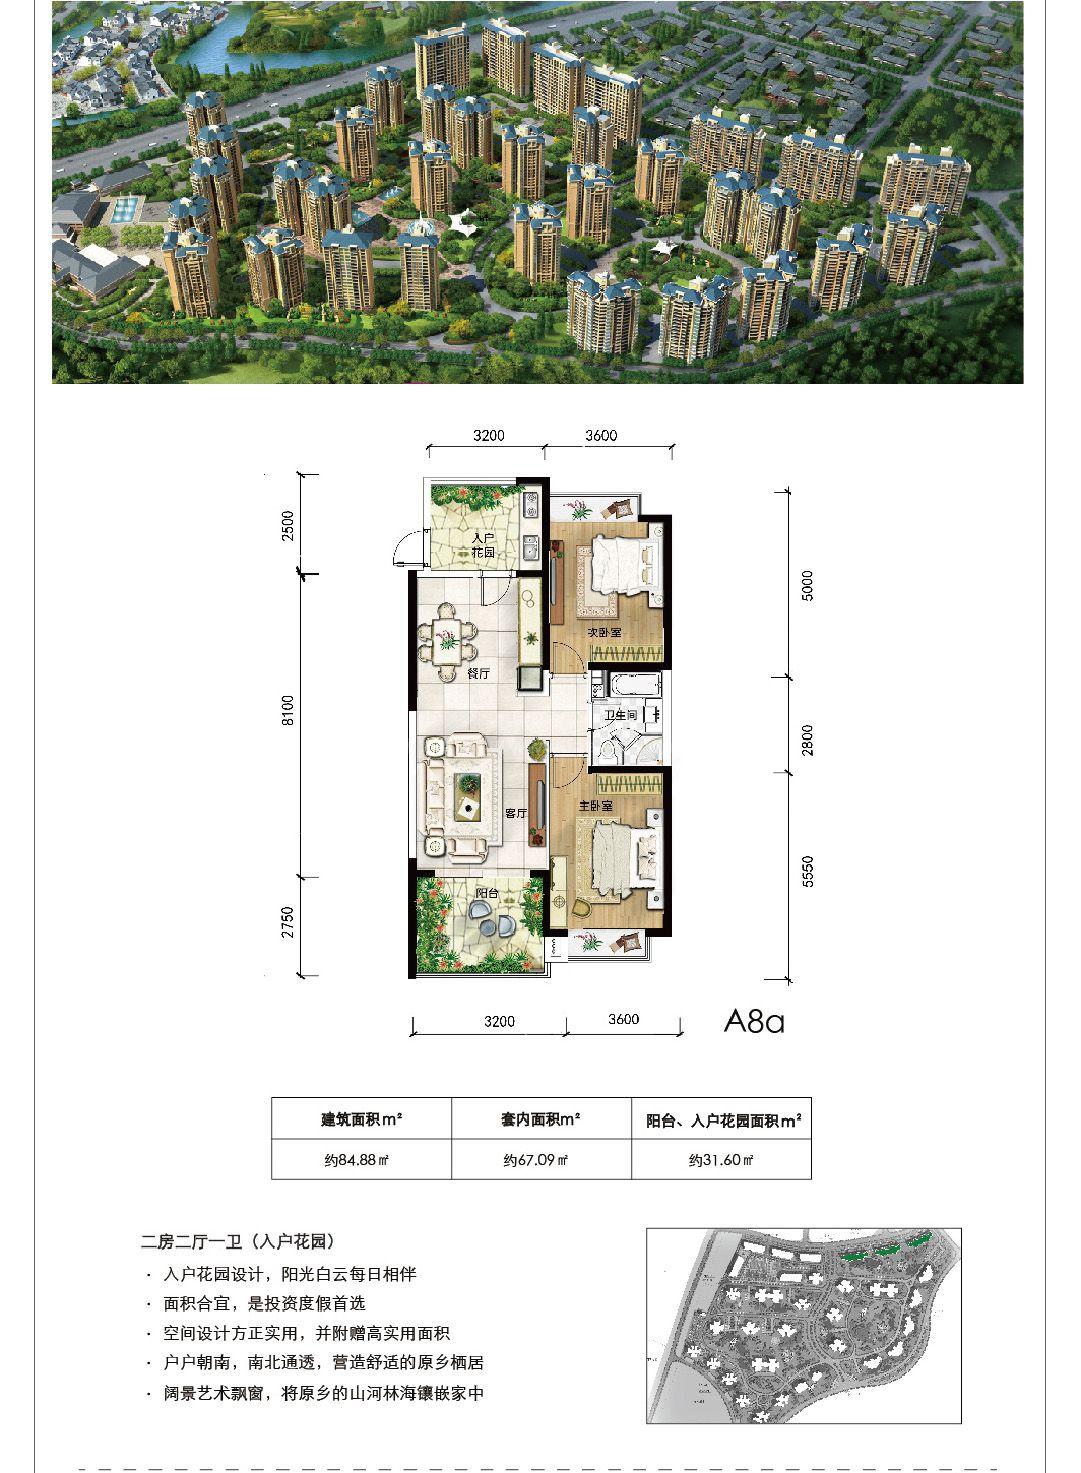 山居高黎洋房A8a户型 2室2厅1卫1厨 建筑面积:84.88㎡